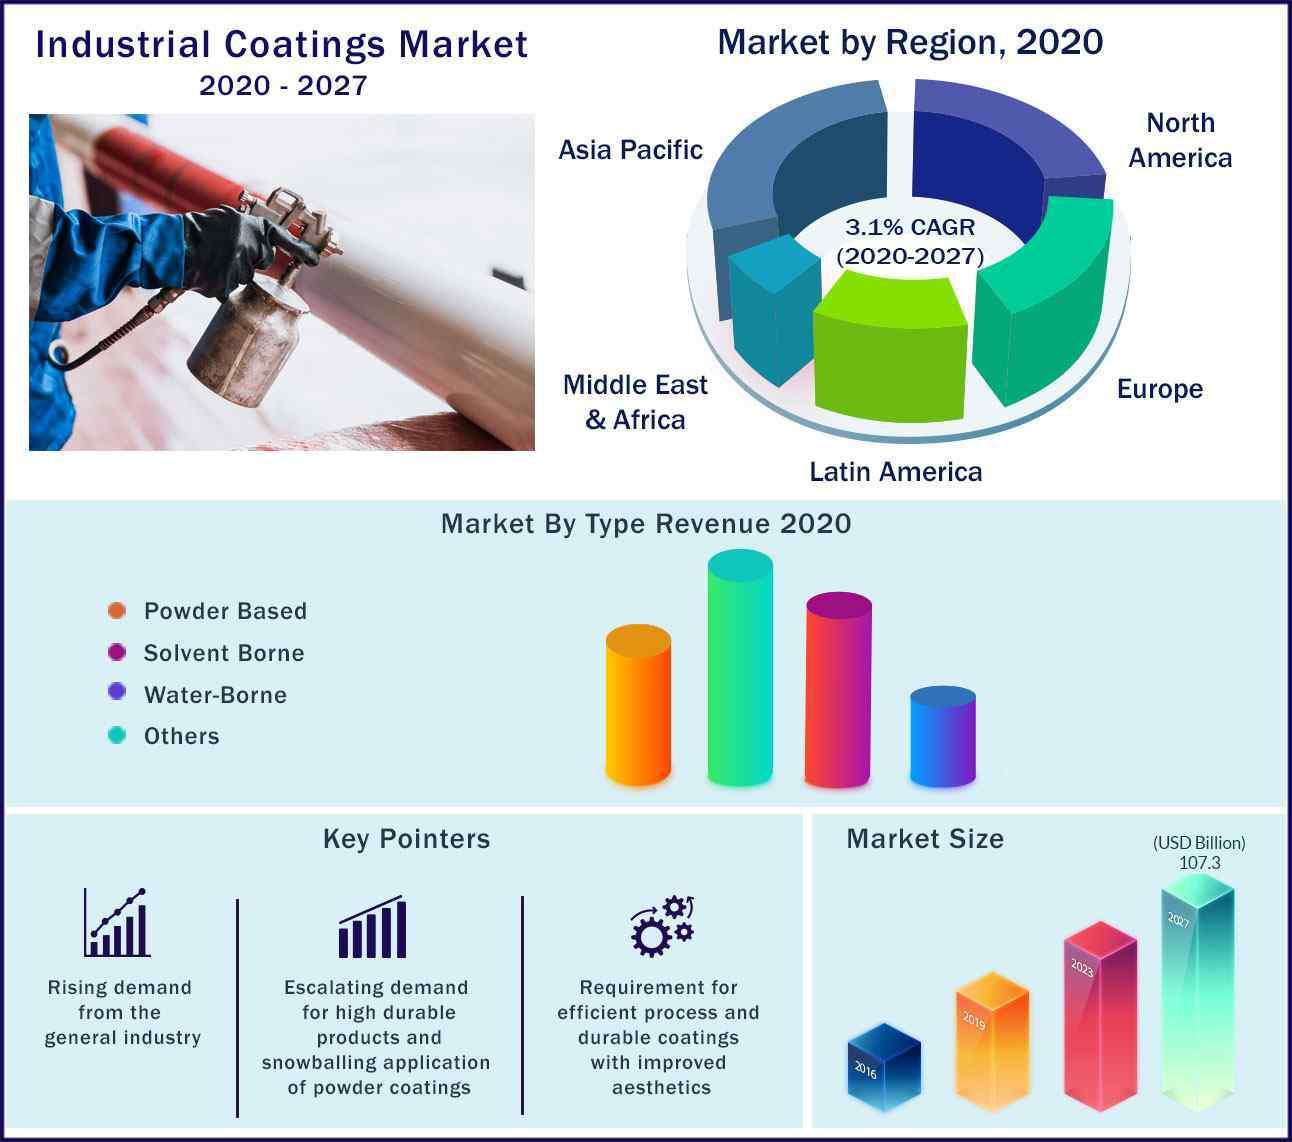 Global Industrial Coatings Market 2020-2027